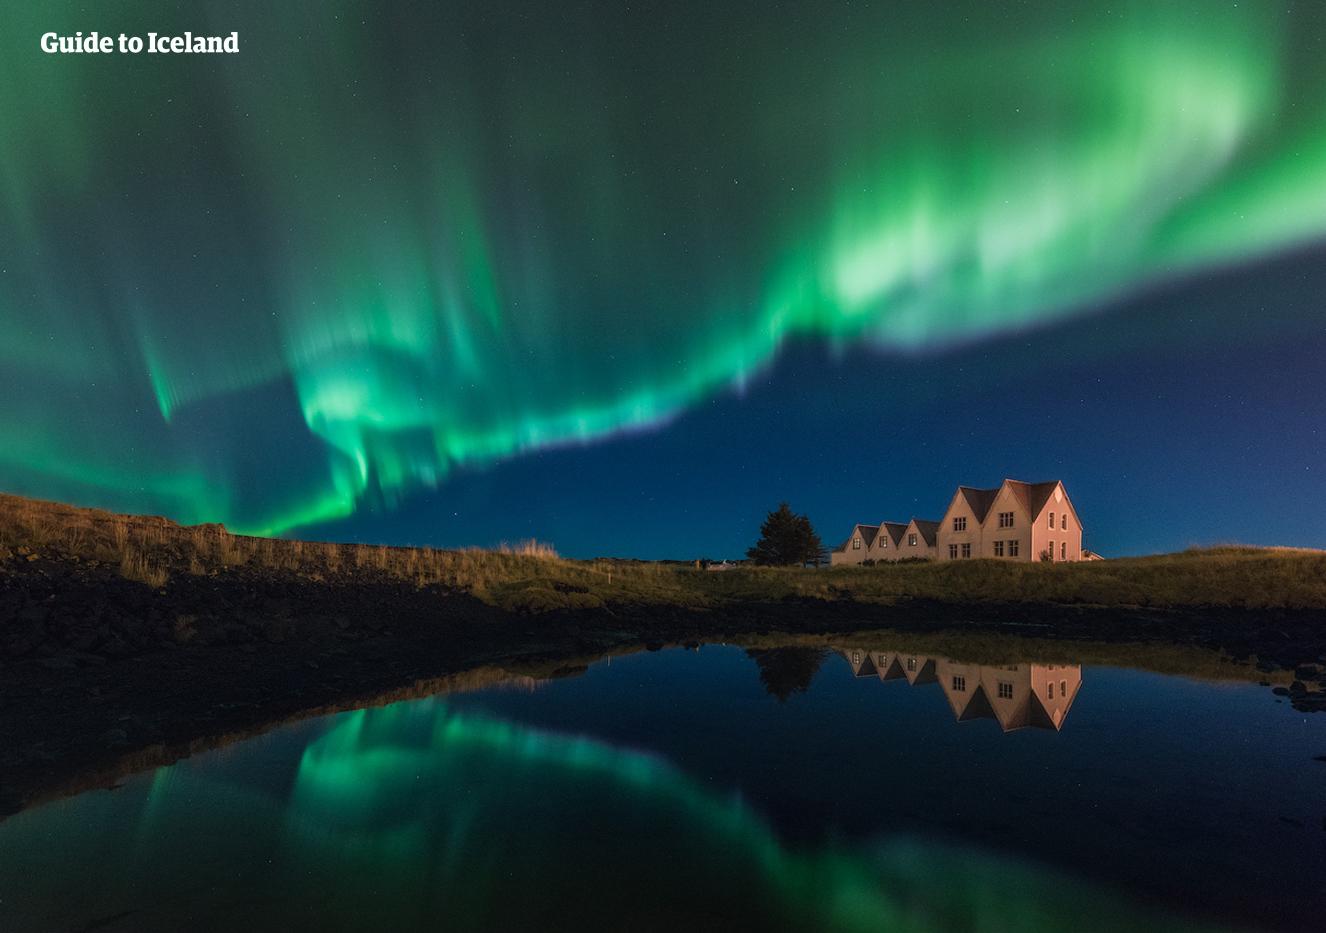 Zrelaksuj się w kojących wodach Blue Lagoon Spa, aby doskonale rozpocząć przygodę z Islandią.